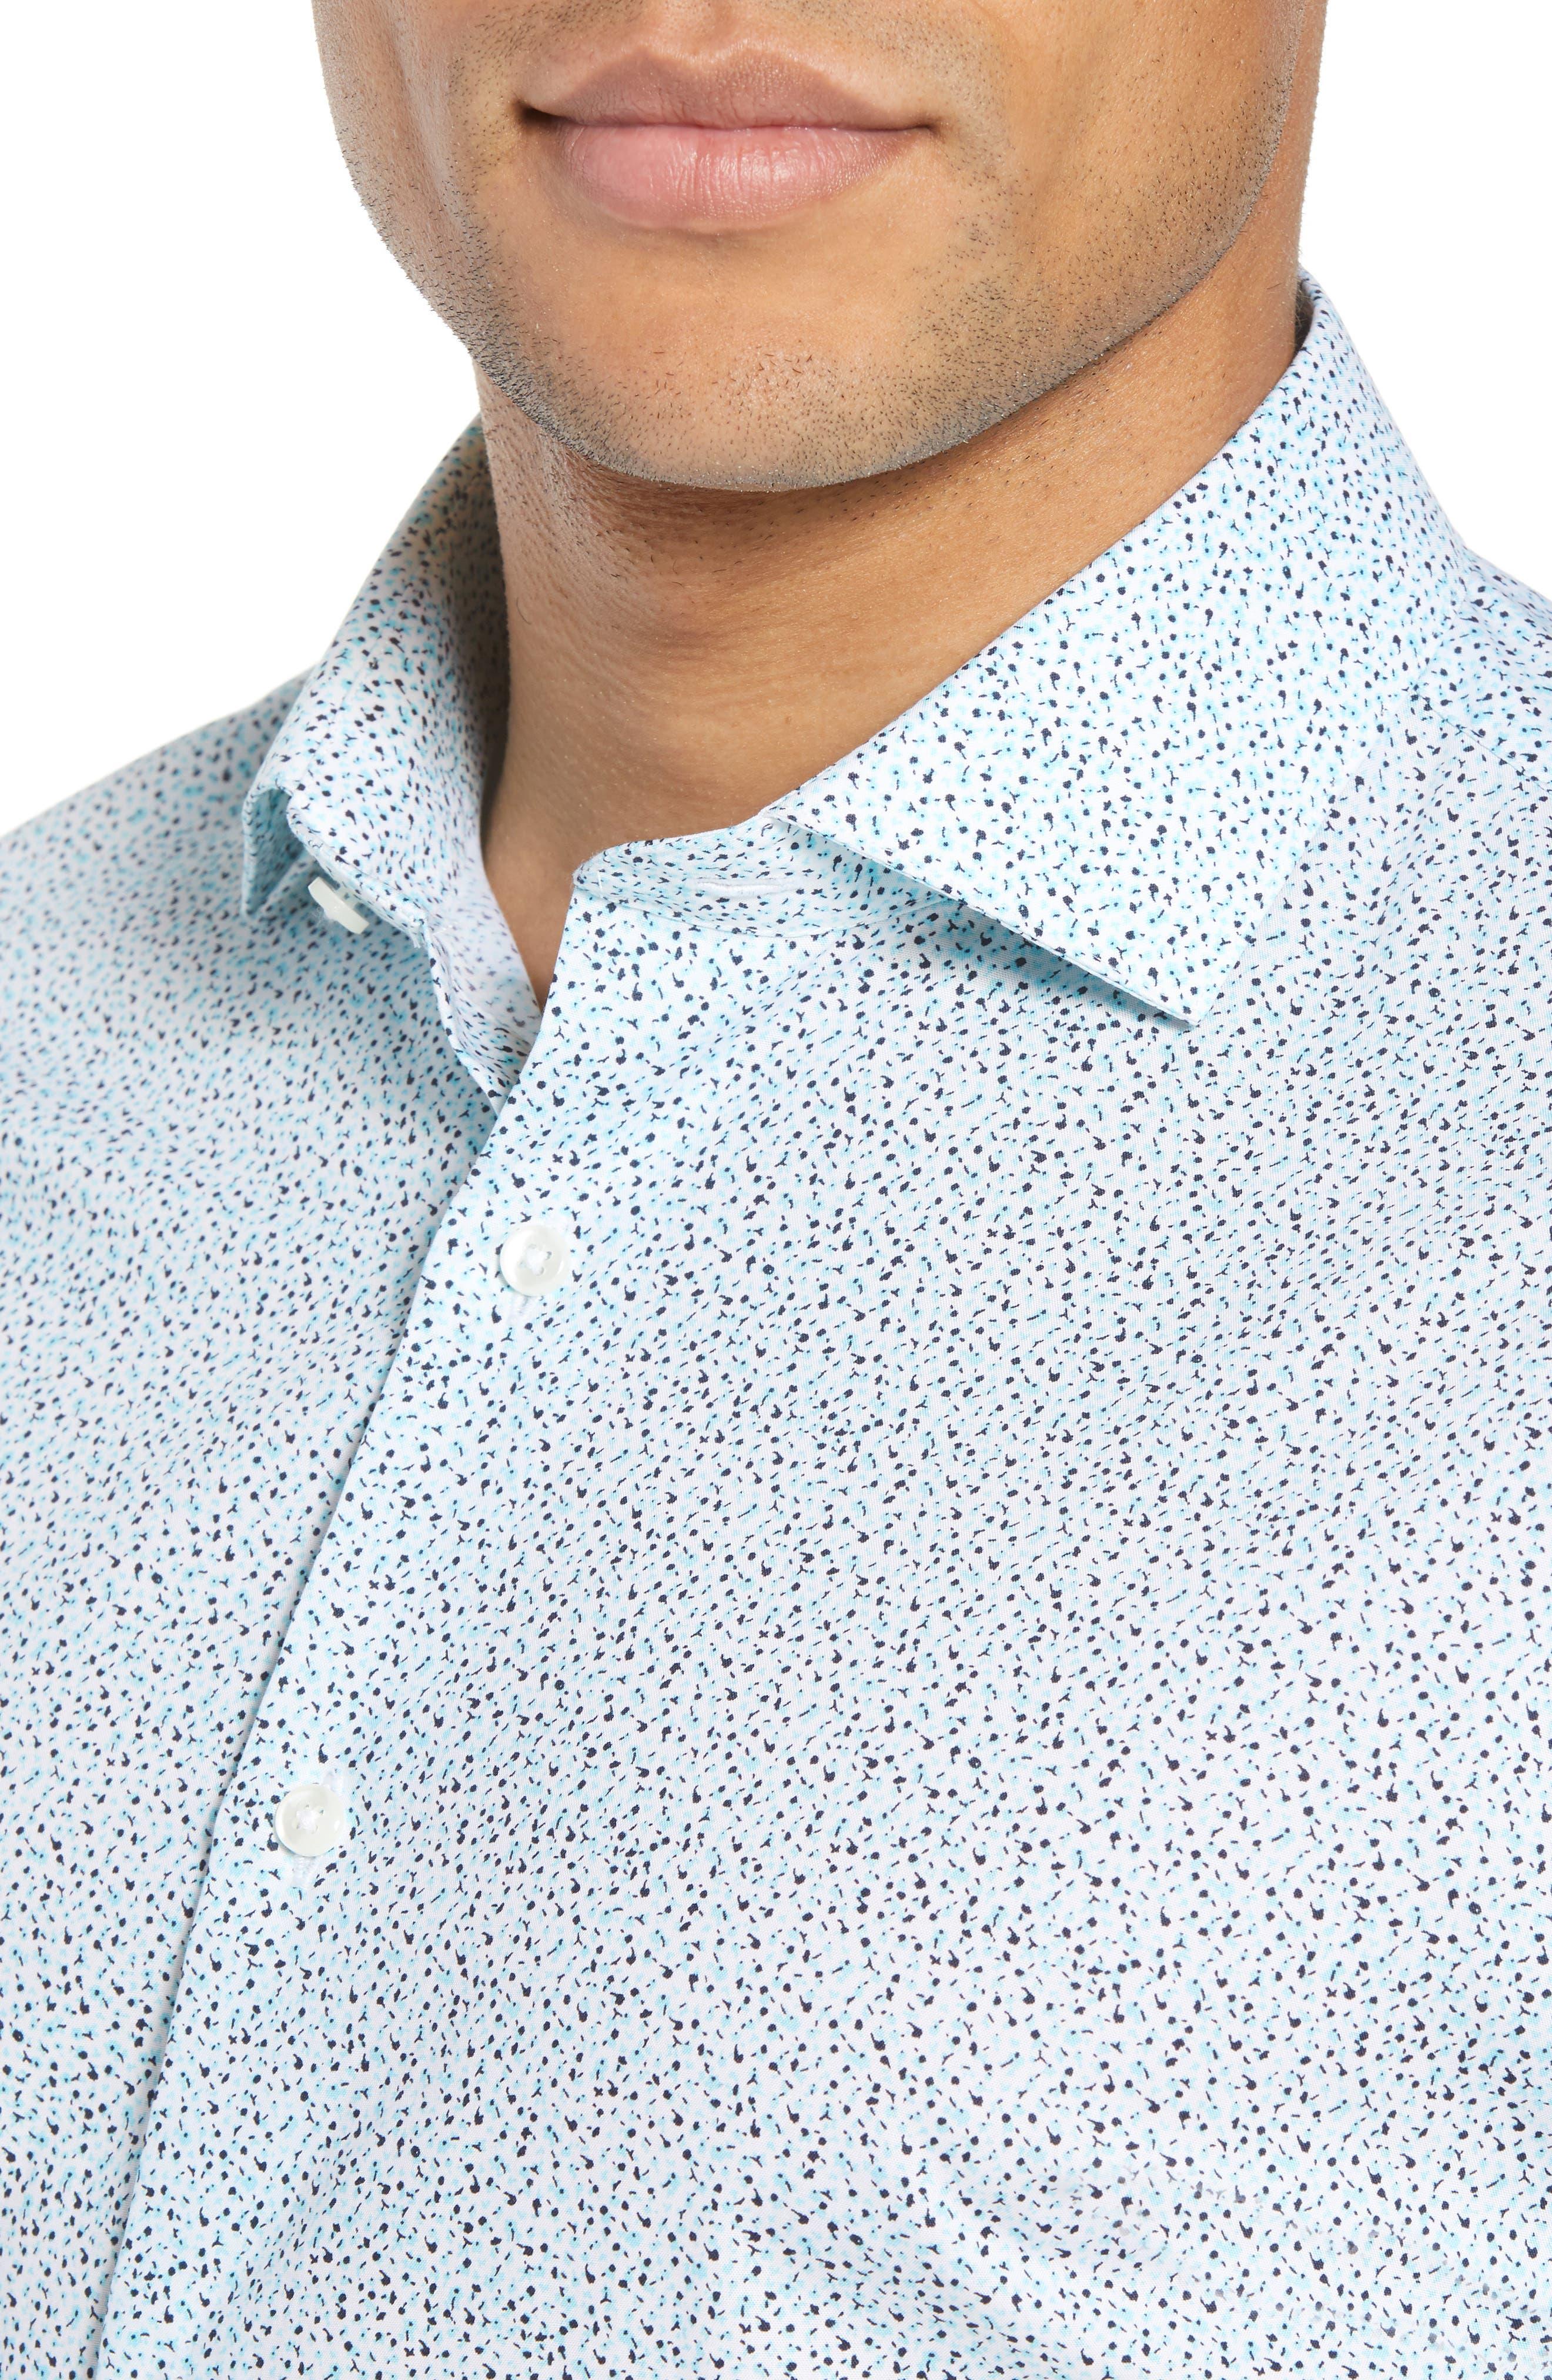 Trim Fit Floral Dress Shirt,                             Alternate thumbnail 2, color,                             445